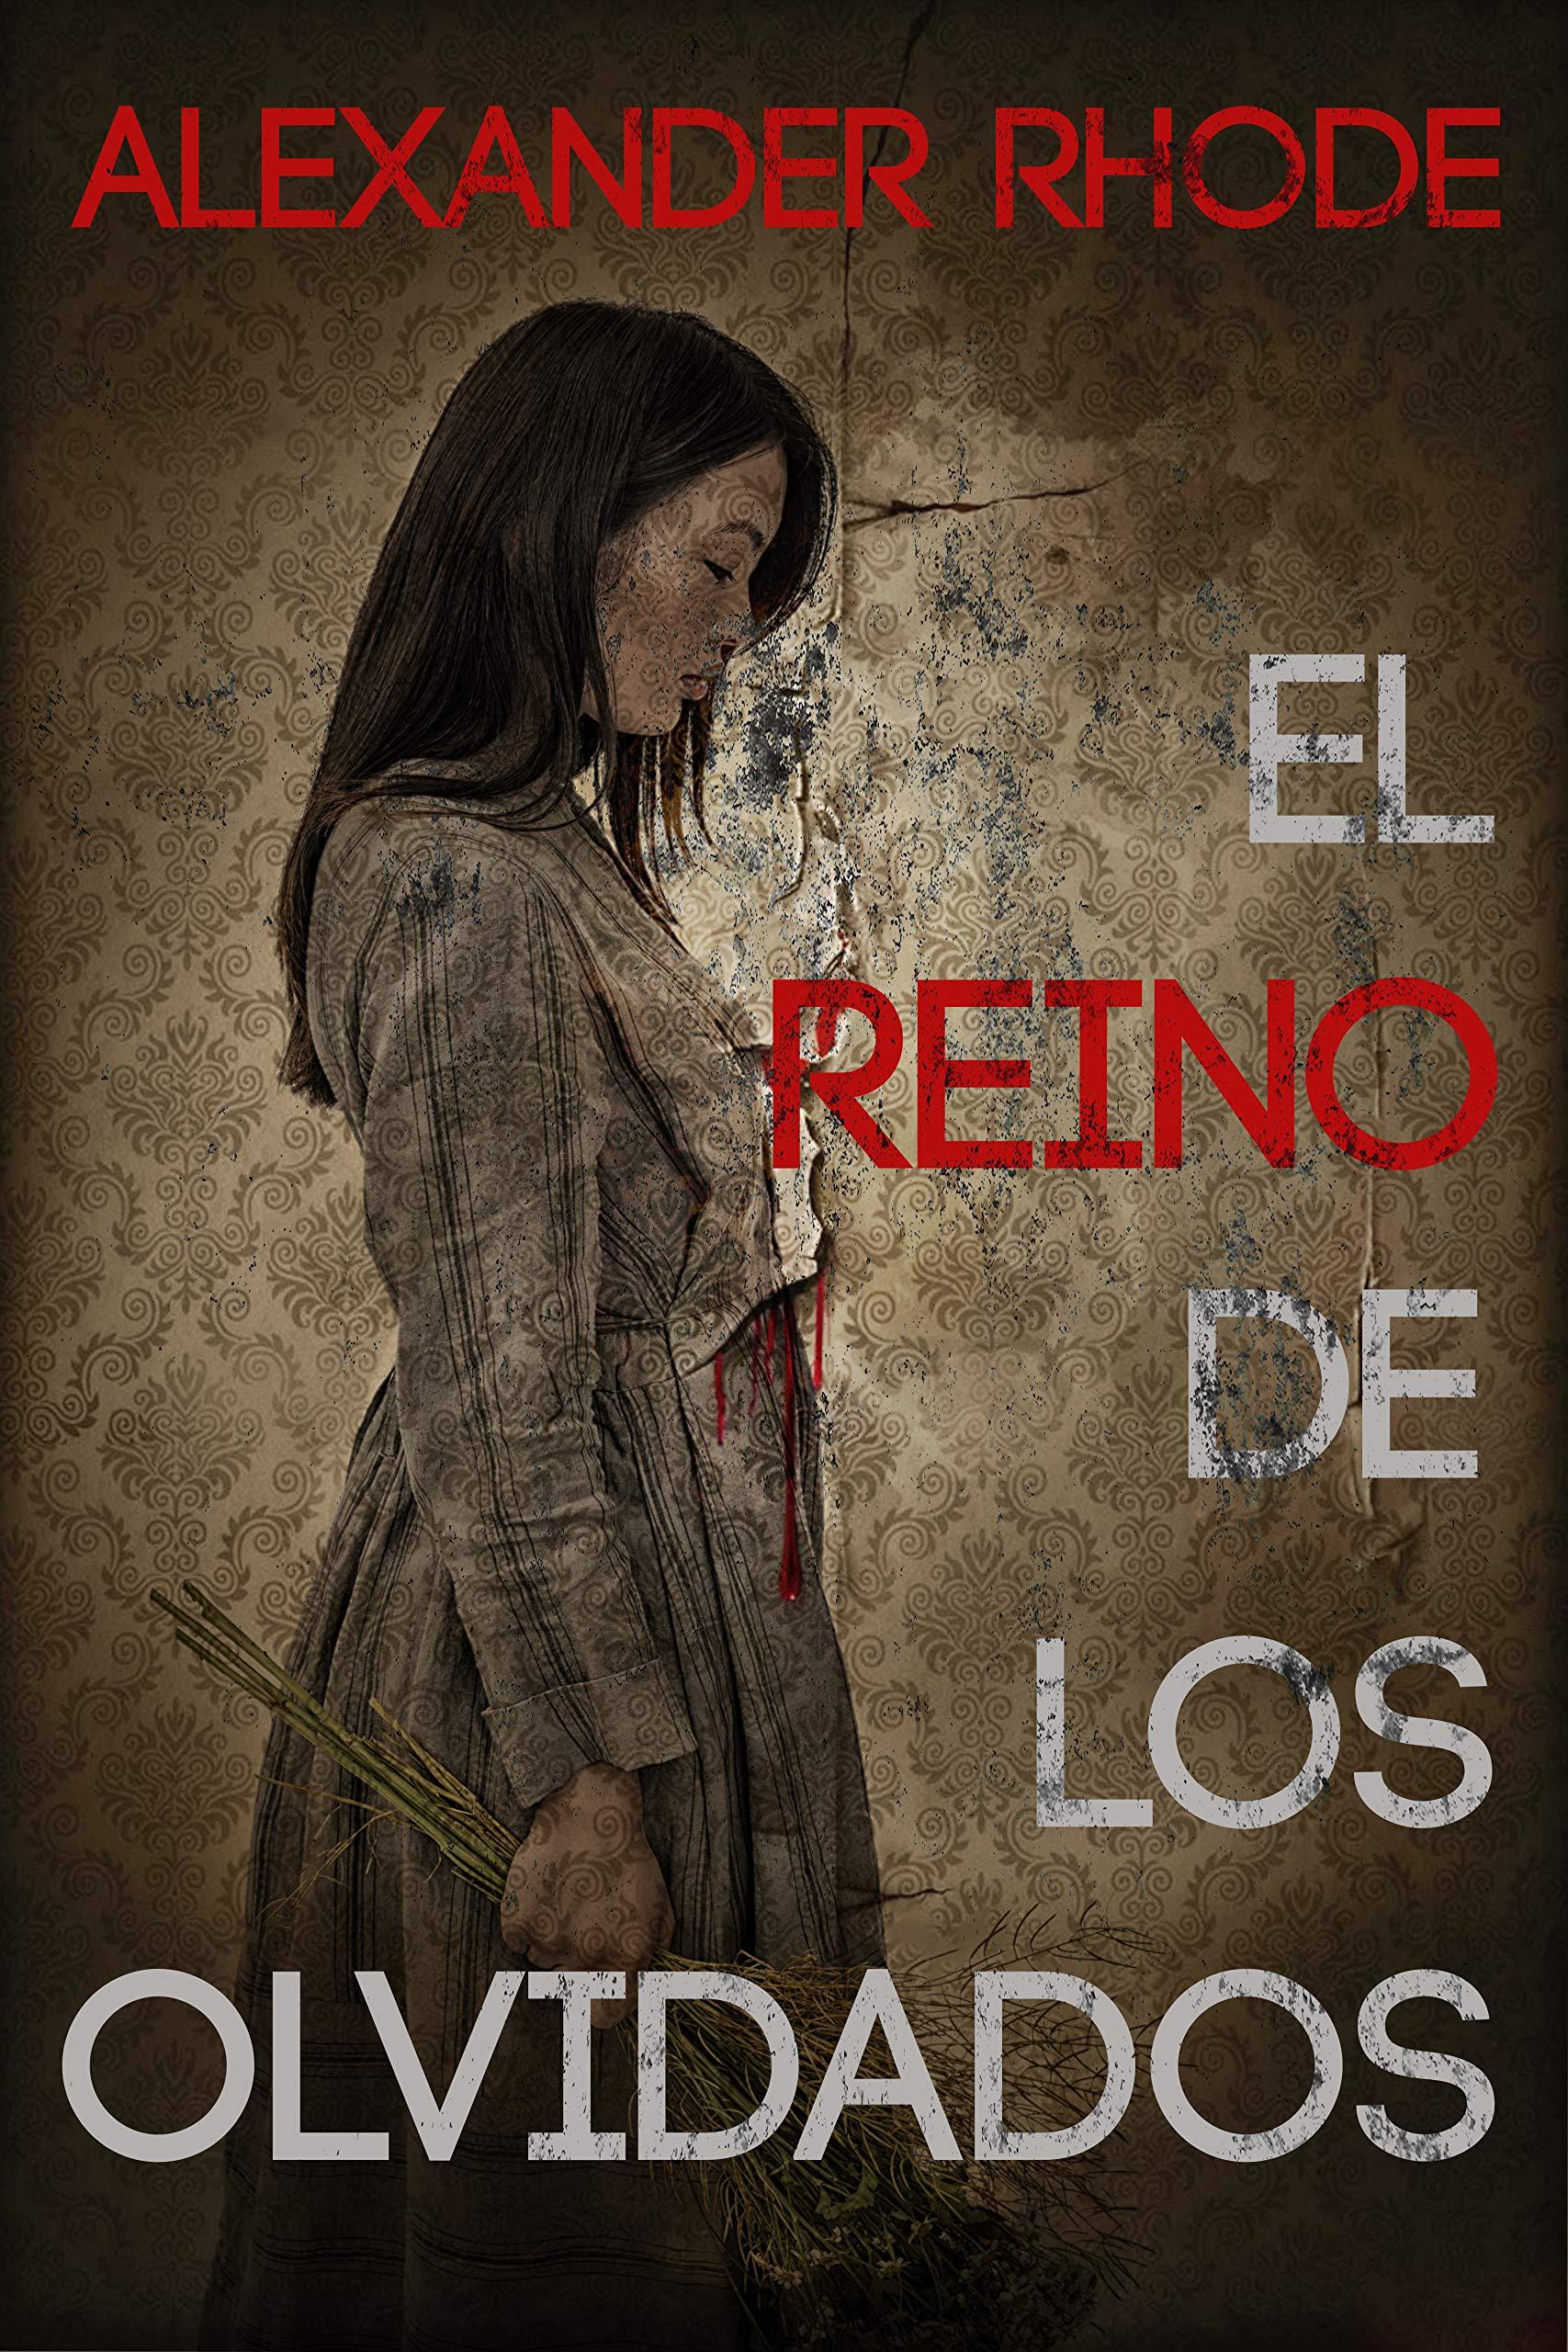 El reino de los olvidados: La novela que los amantes del thriller estaban esperando por Alexander Rhode